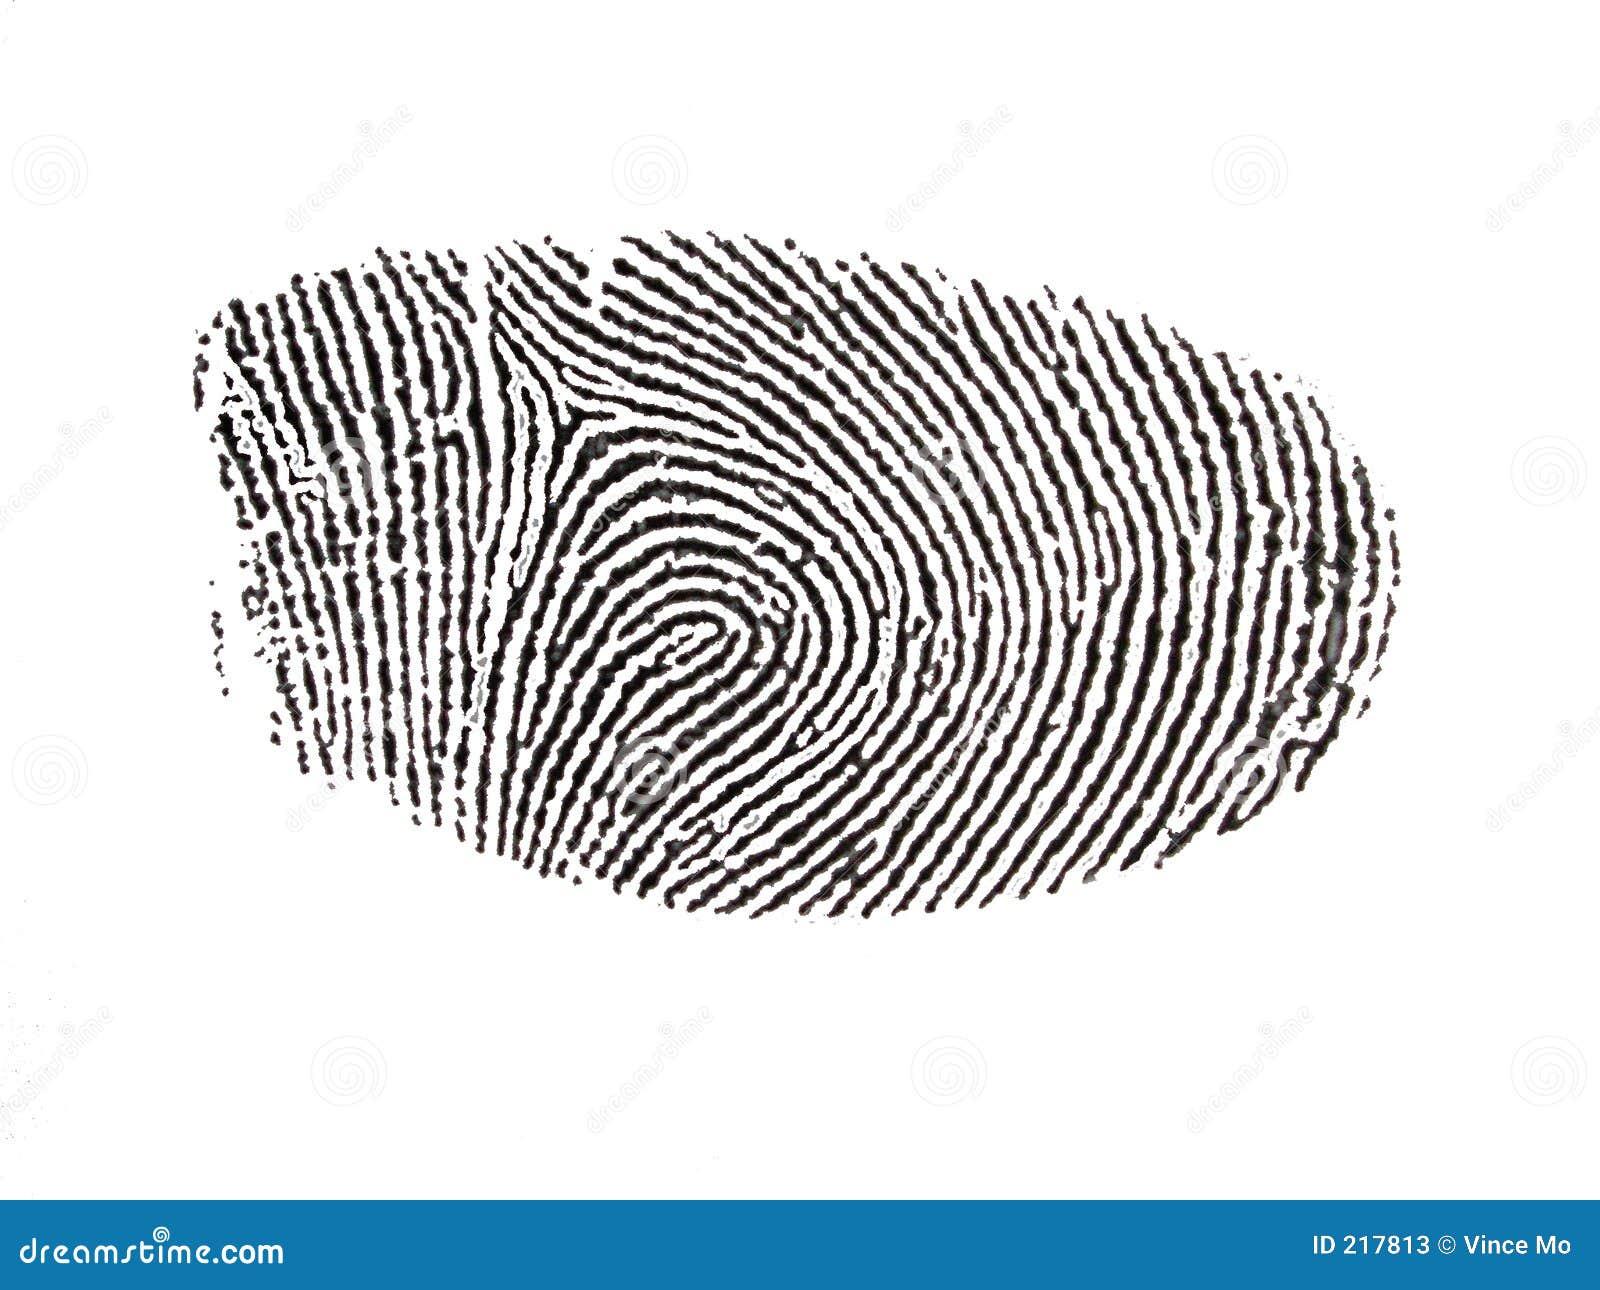 Digitised Fingerprint